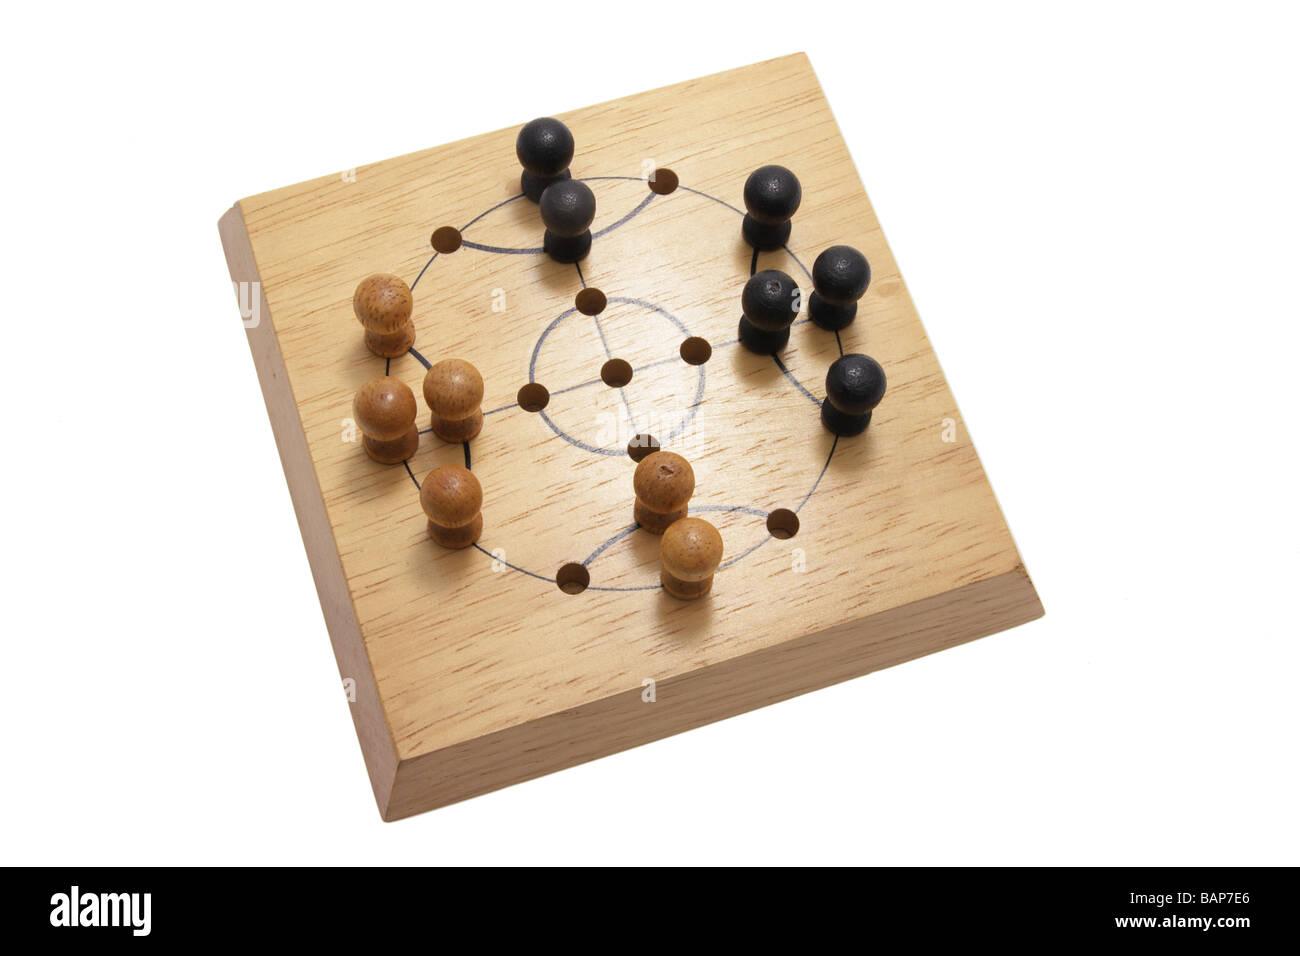 Planche de jeu en bois Banque D'Images